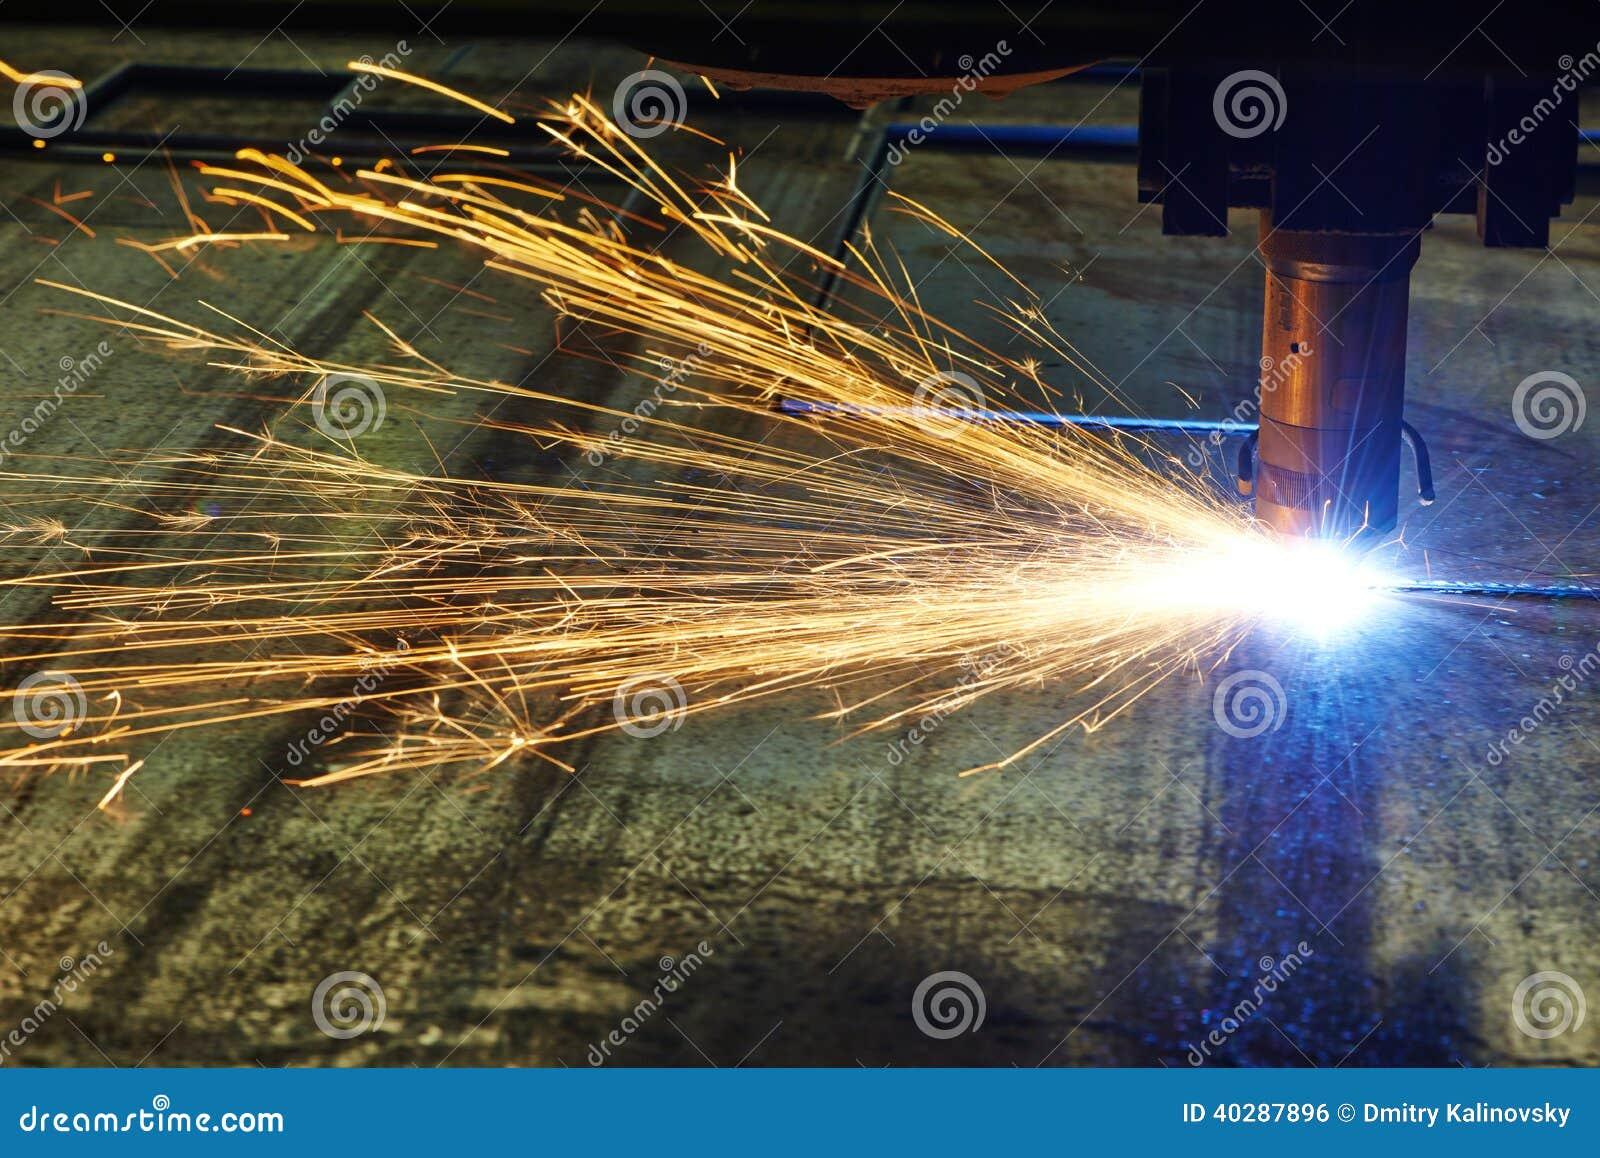 Вырезывание лазера или плазмы металлического листа с искрами